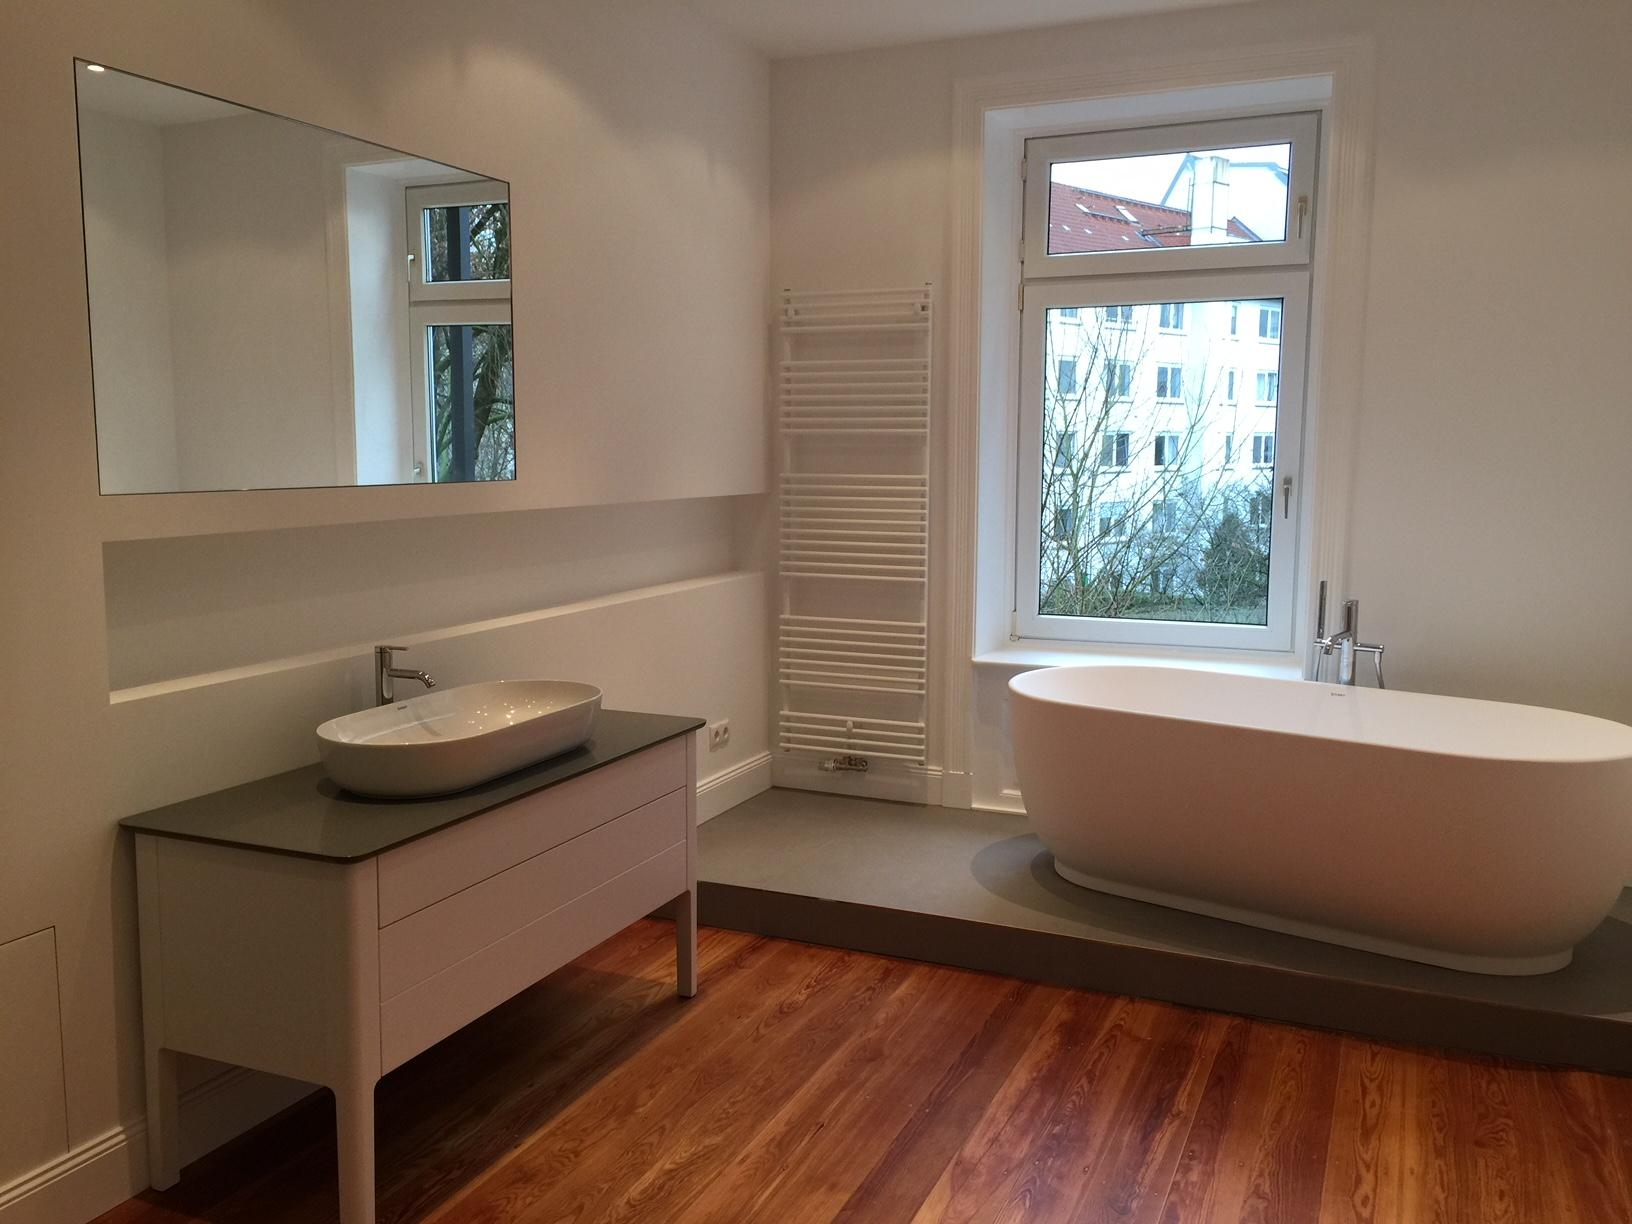 Und Fertig Badplanung Badezimmer Badezimmerdesig